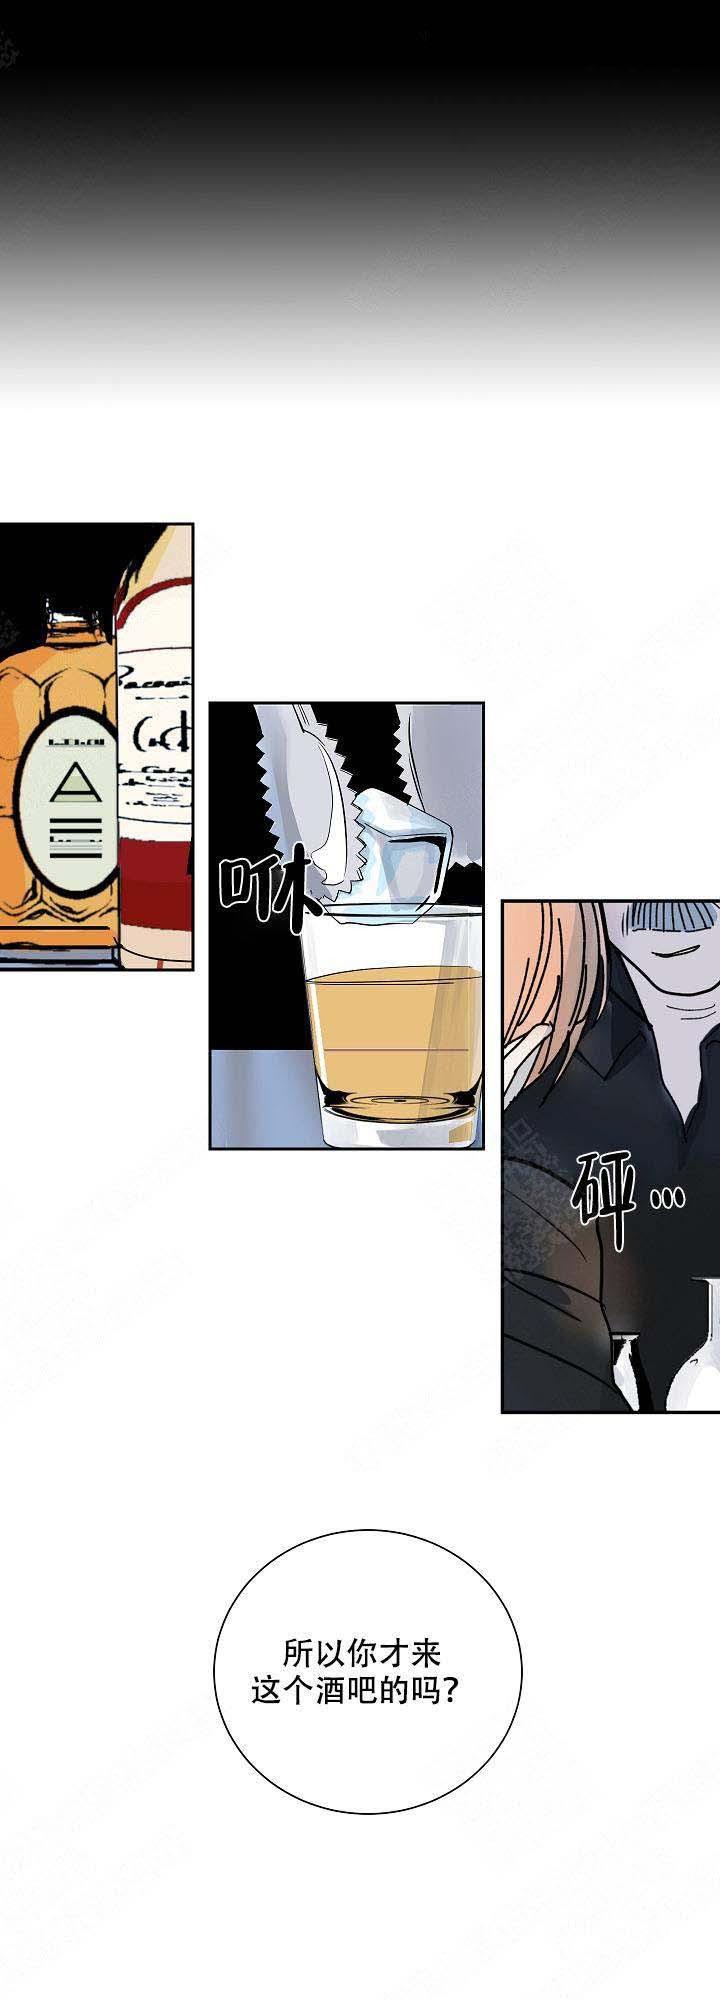 坏习惯-漫画全集在线阅读_最新连载更新至19话-啵乐漫画